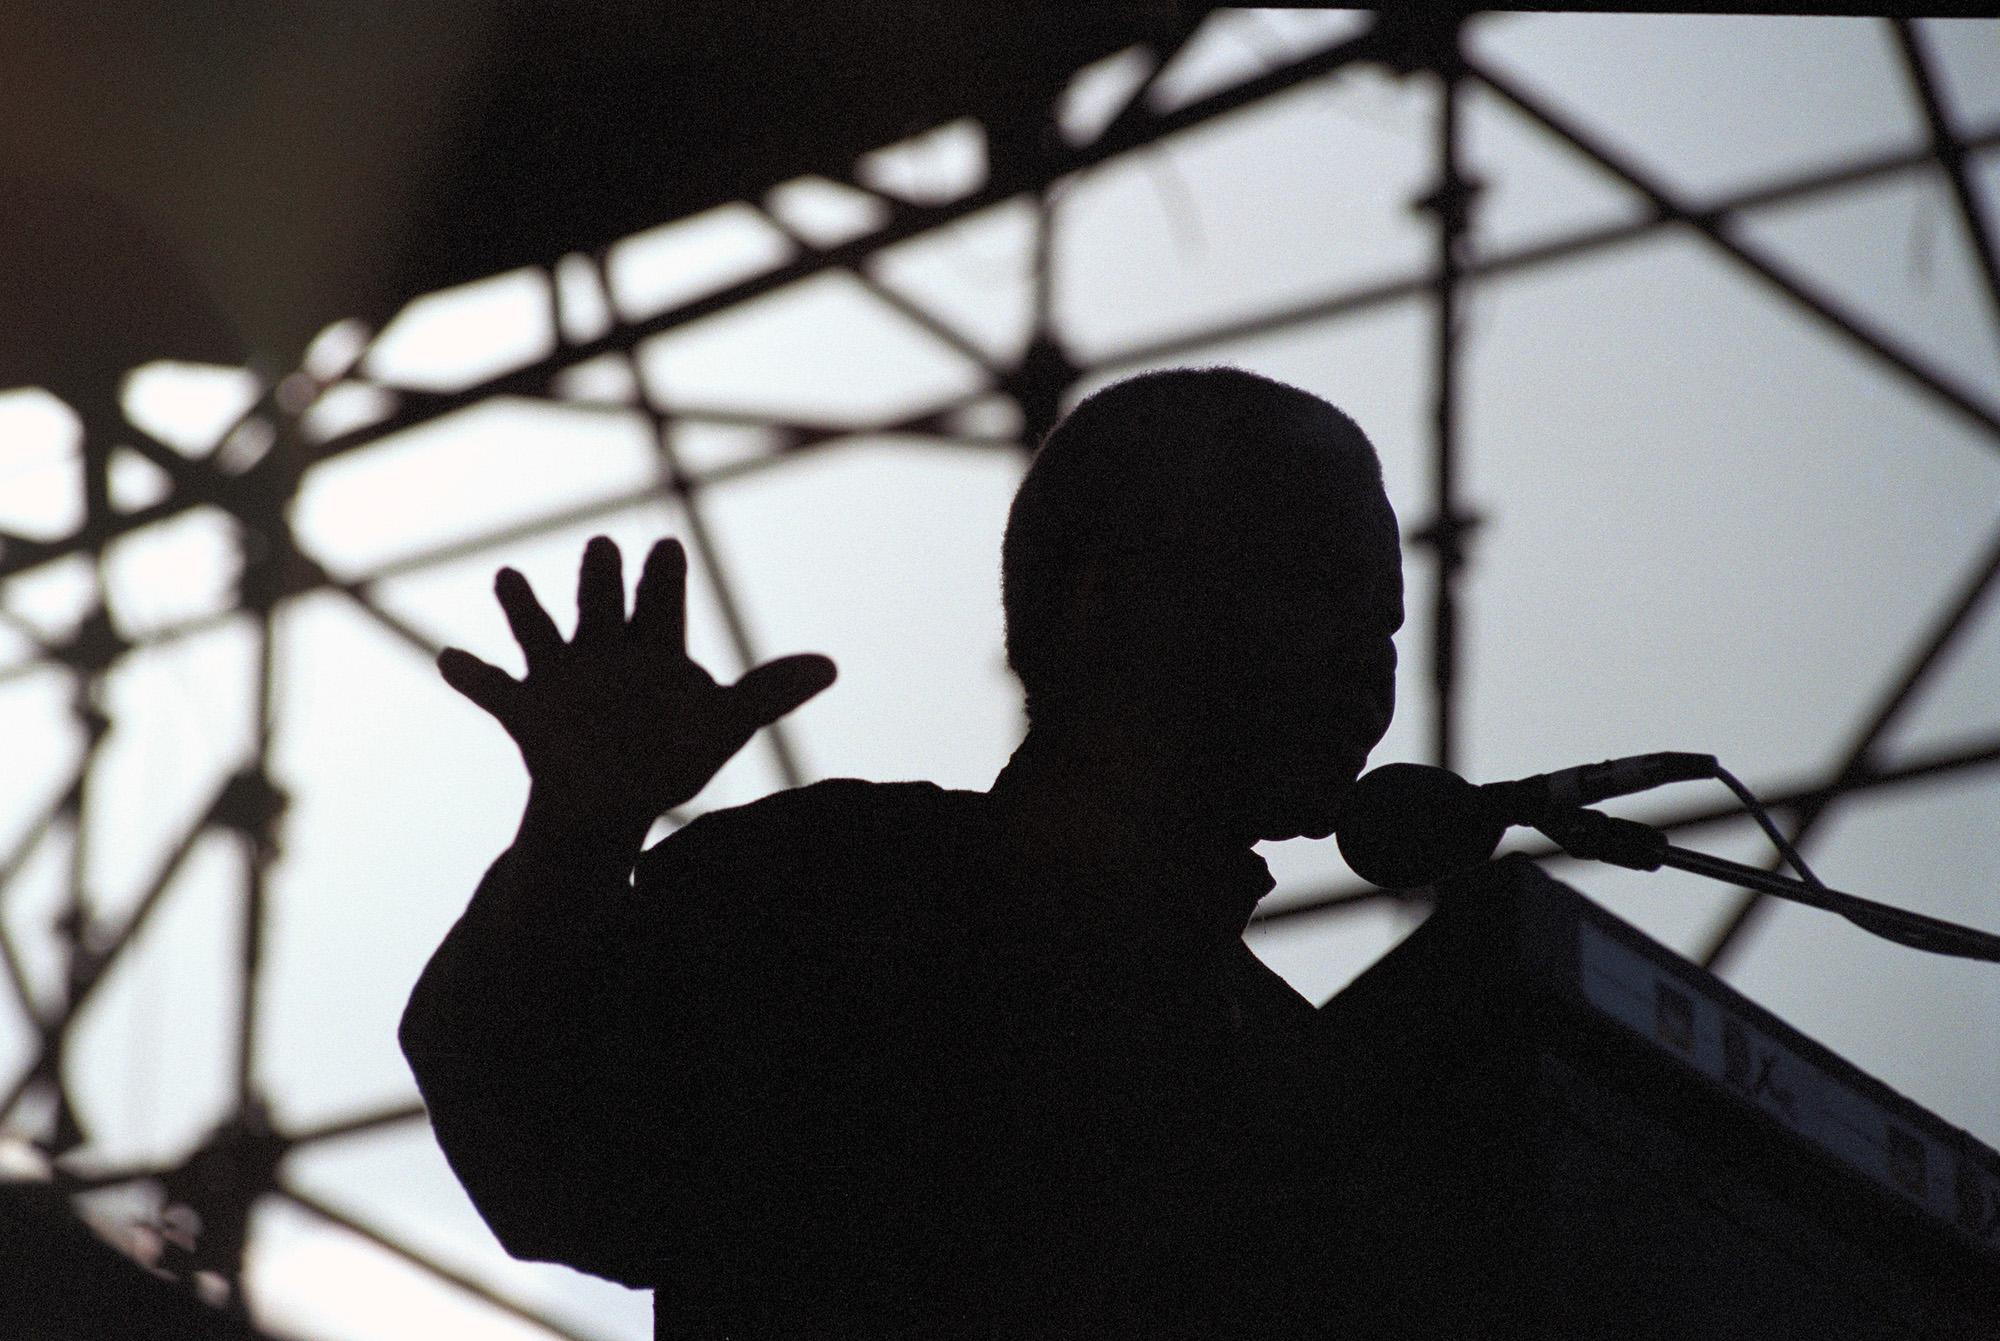 © Per-Anders Pettersson  Titel: Nelson Mandela, Ur serien Sydafrika: 25 år av demokrati Plats/Datum: Durban 1994   Bildmått 60x90 cm (pappersmått 70x100 cm) Teknik: Arkivbeständig pigmentbläckutskrift  Upplaga: 9 + 2 AP Signerad: Ja Pris: SEK 12 000 (avser oinramad bild)  Bilden går även att få i andra storlekar.